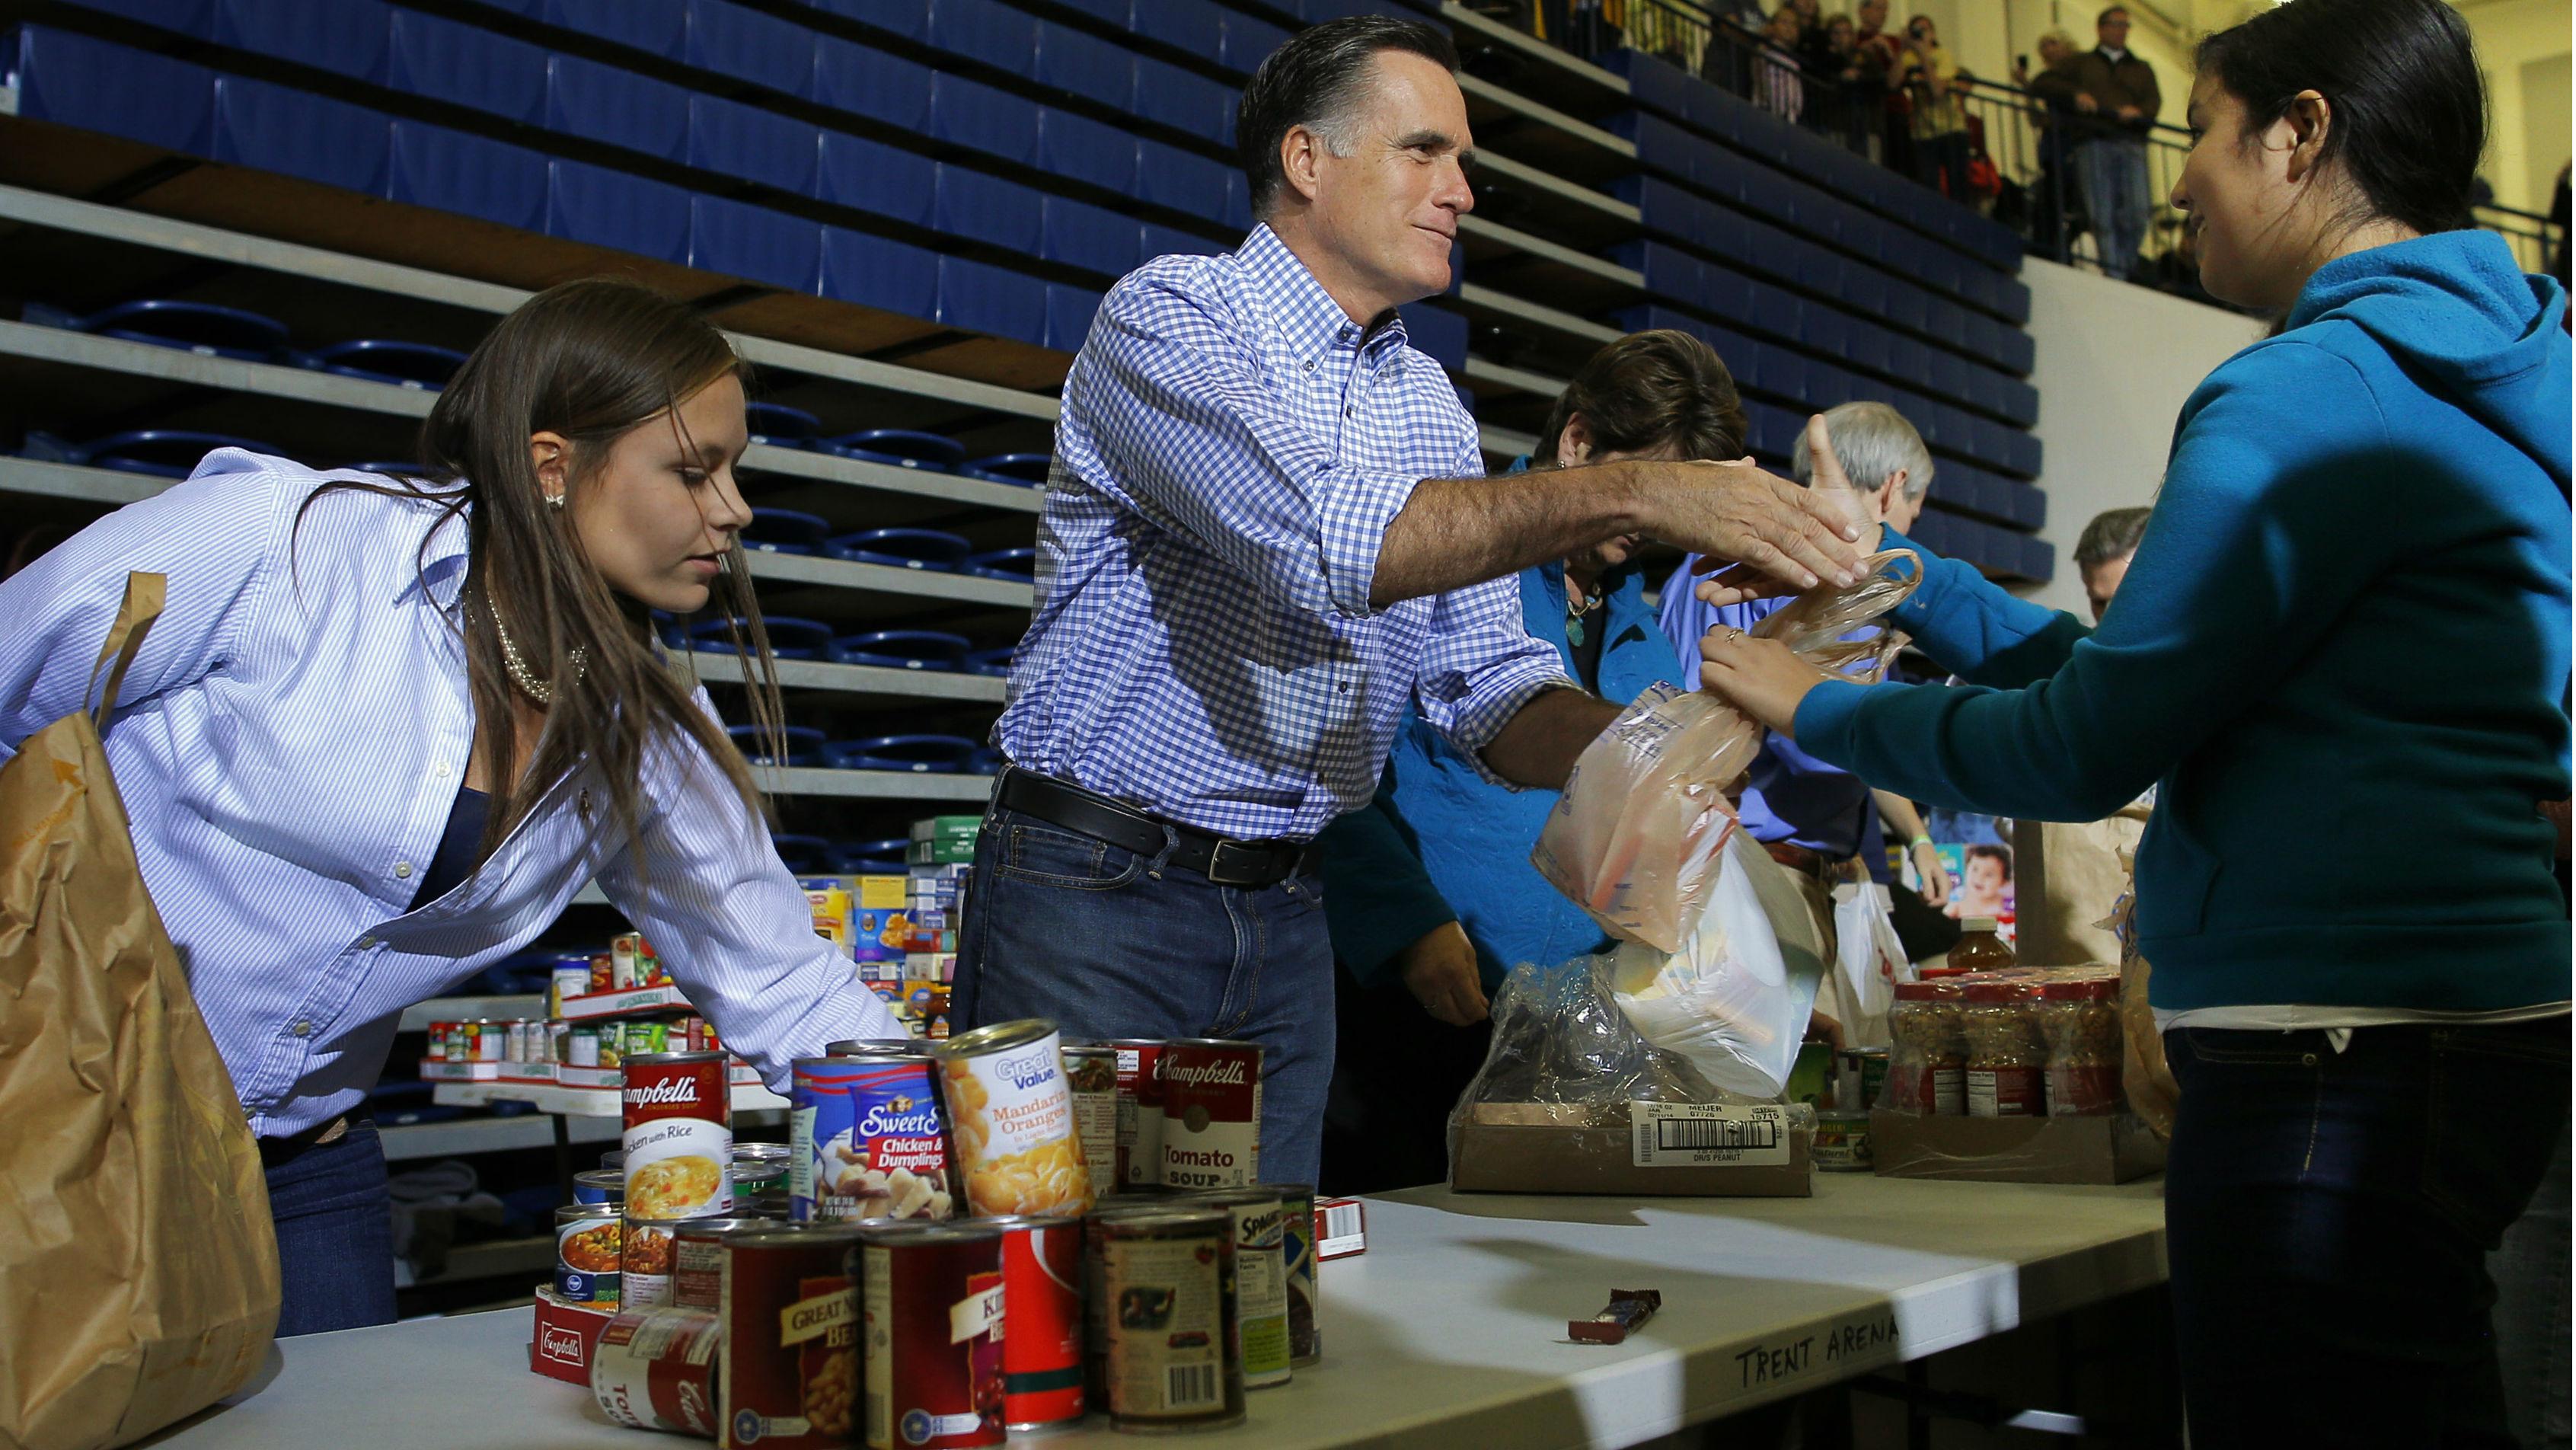 Romney at Ohio event (reuters)